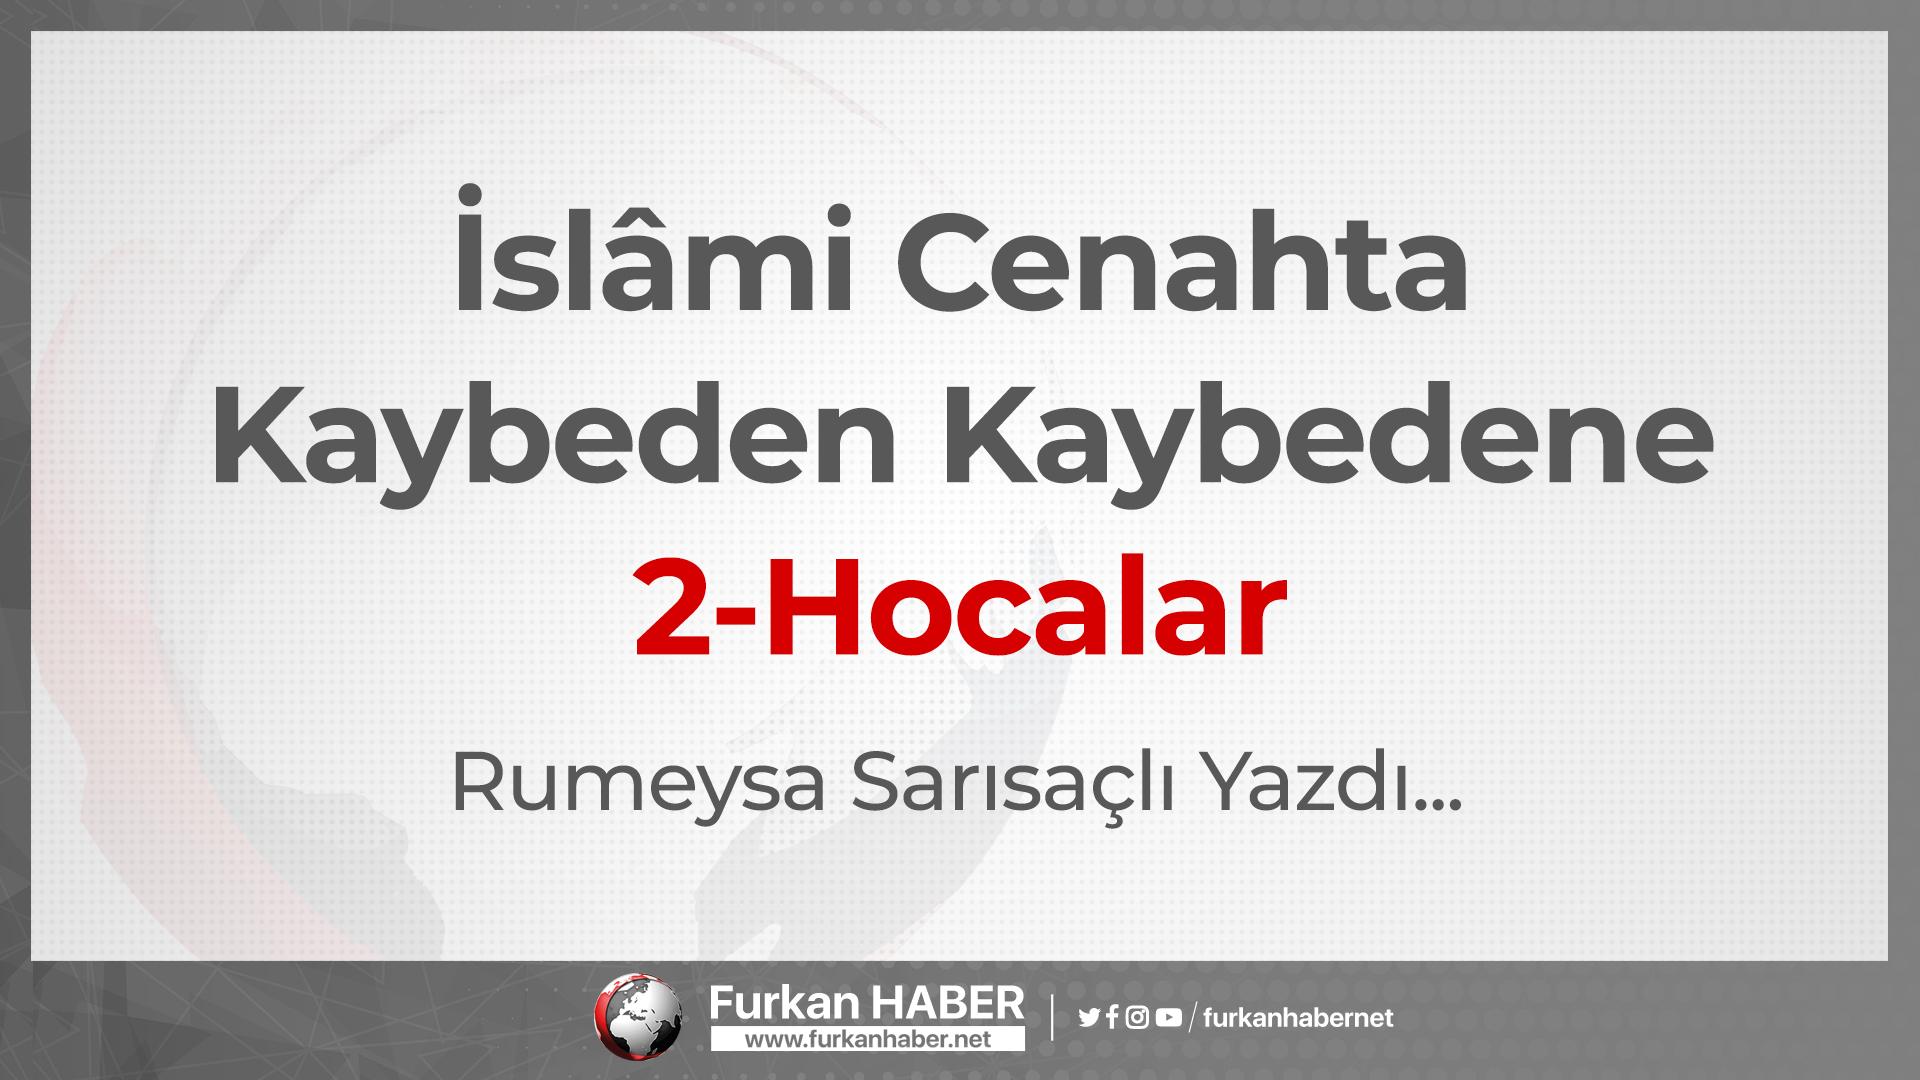 İslâmi Cenahta Kaybeden Kaybedene-2 Hocalar